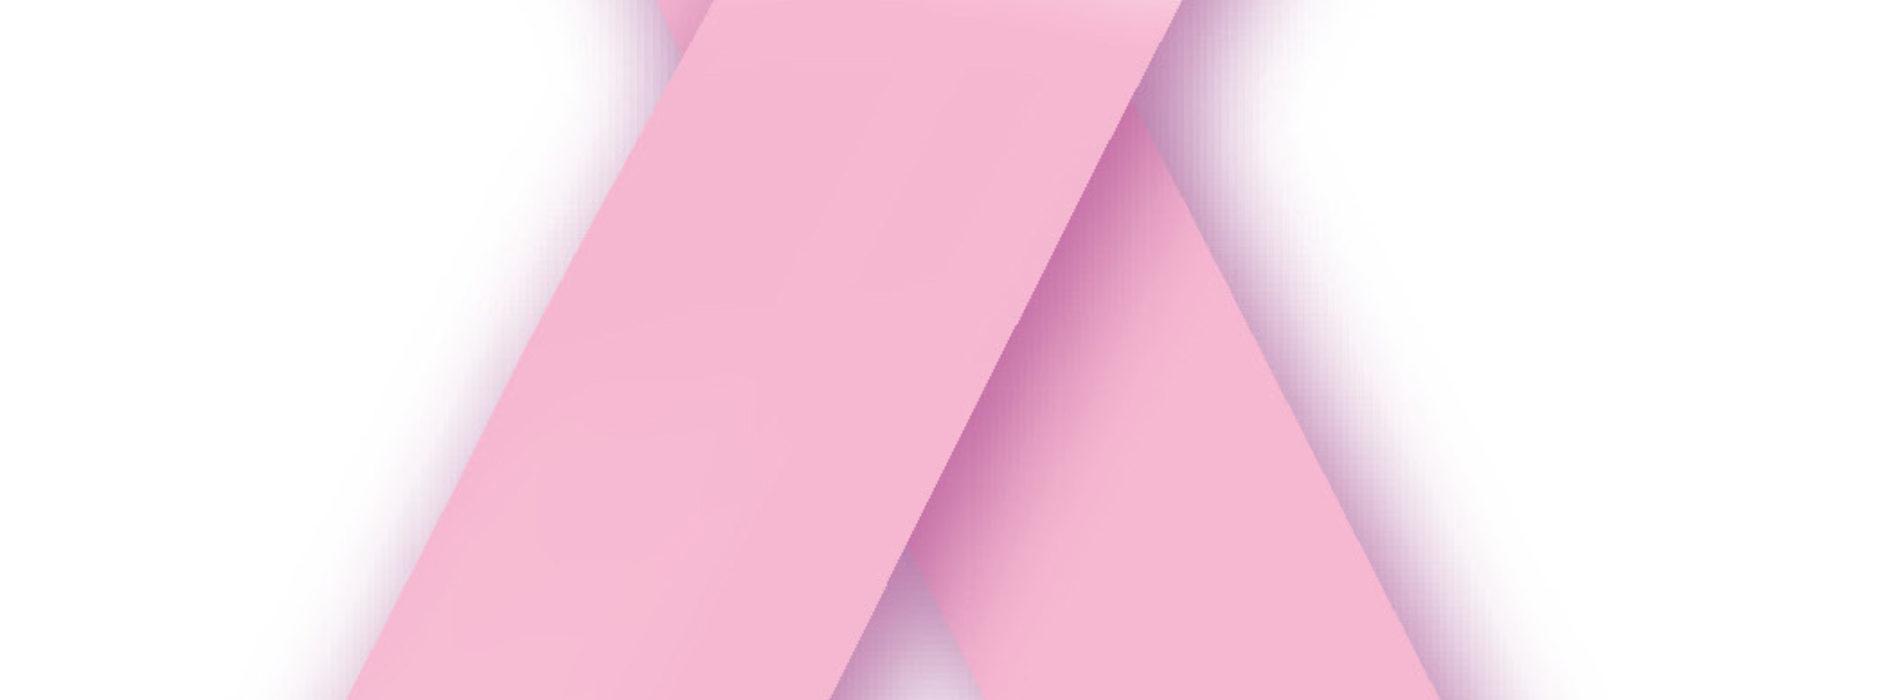 SA Sets Oct. 25-30 As Breast Cancer Awareness